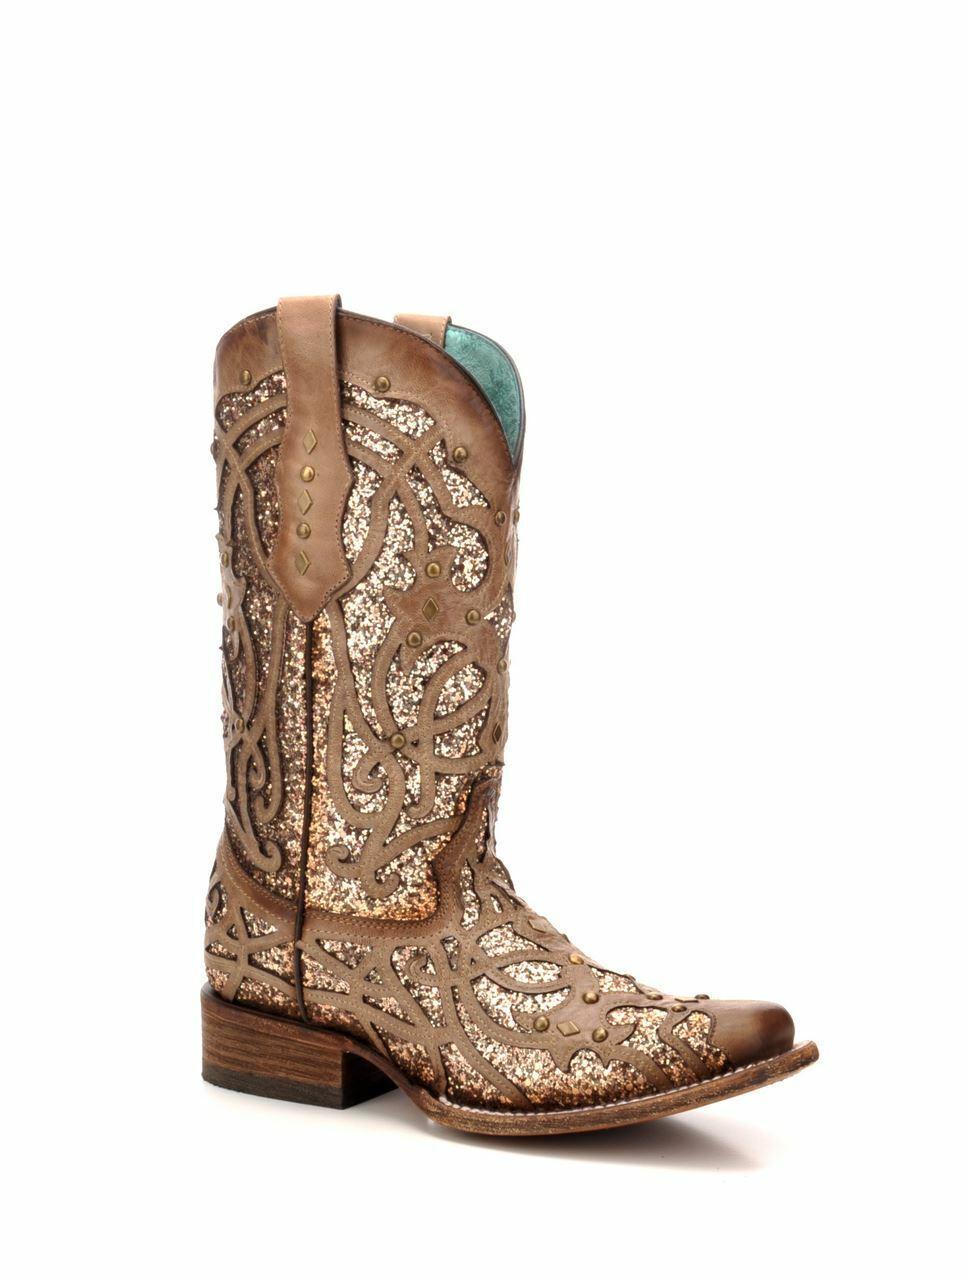 Corral Damen Western Quadratisch Leder Zehen Stiefel Orix Glitzernde Einlage